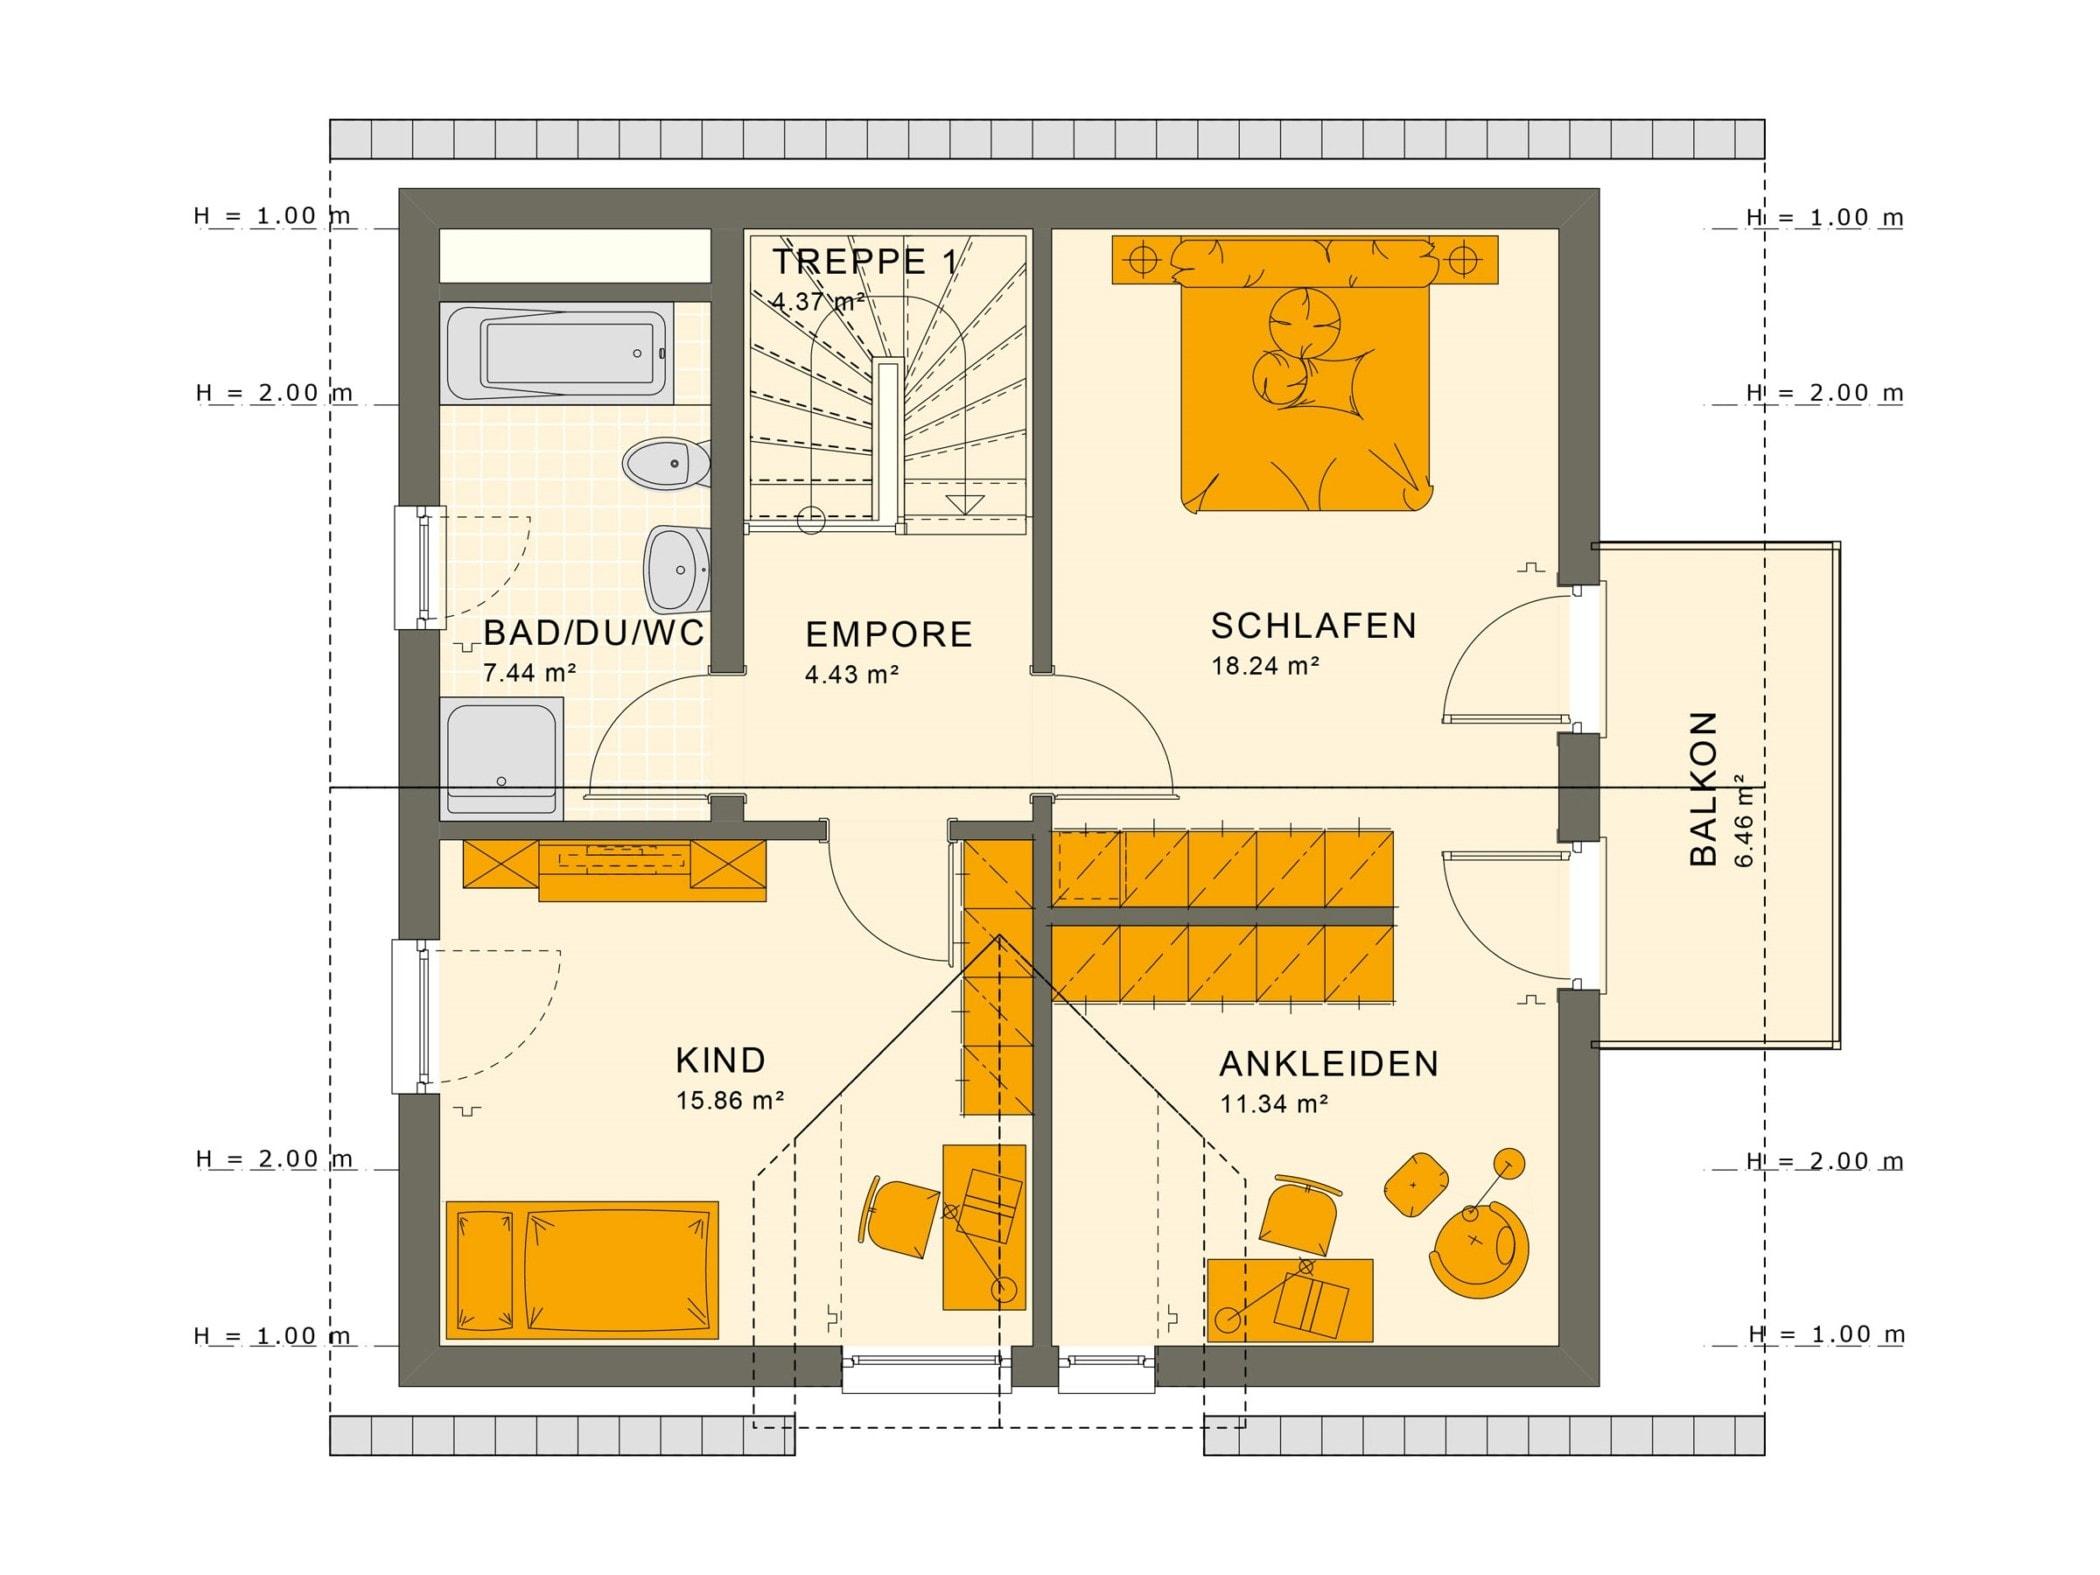 Einfamilienhaus Grundriss Obergeschoss mit Satteldach, 5 Zimmer, 125 qm - Fertighaus Living Haus SUNSHINE 126 V2 a - HausbauDirekt.de